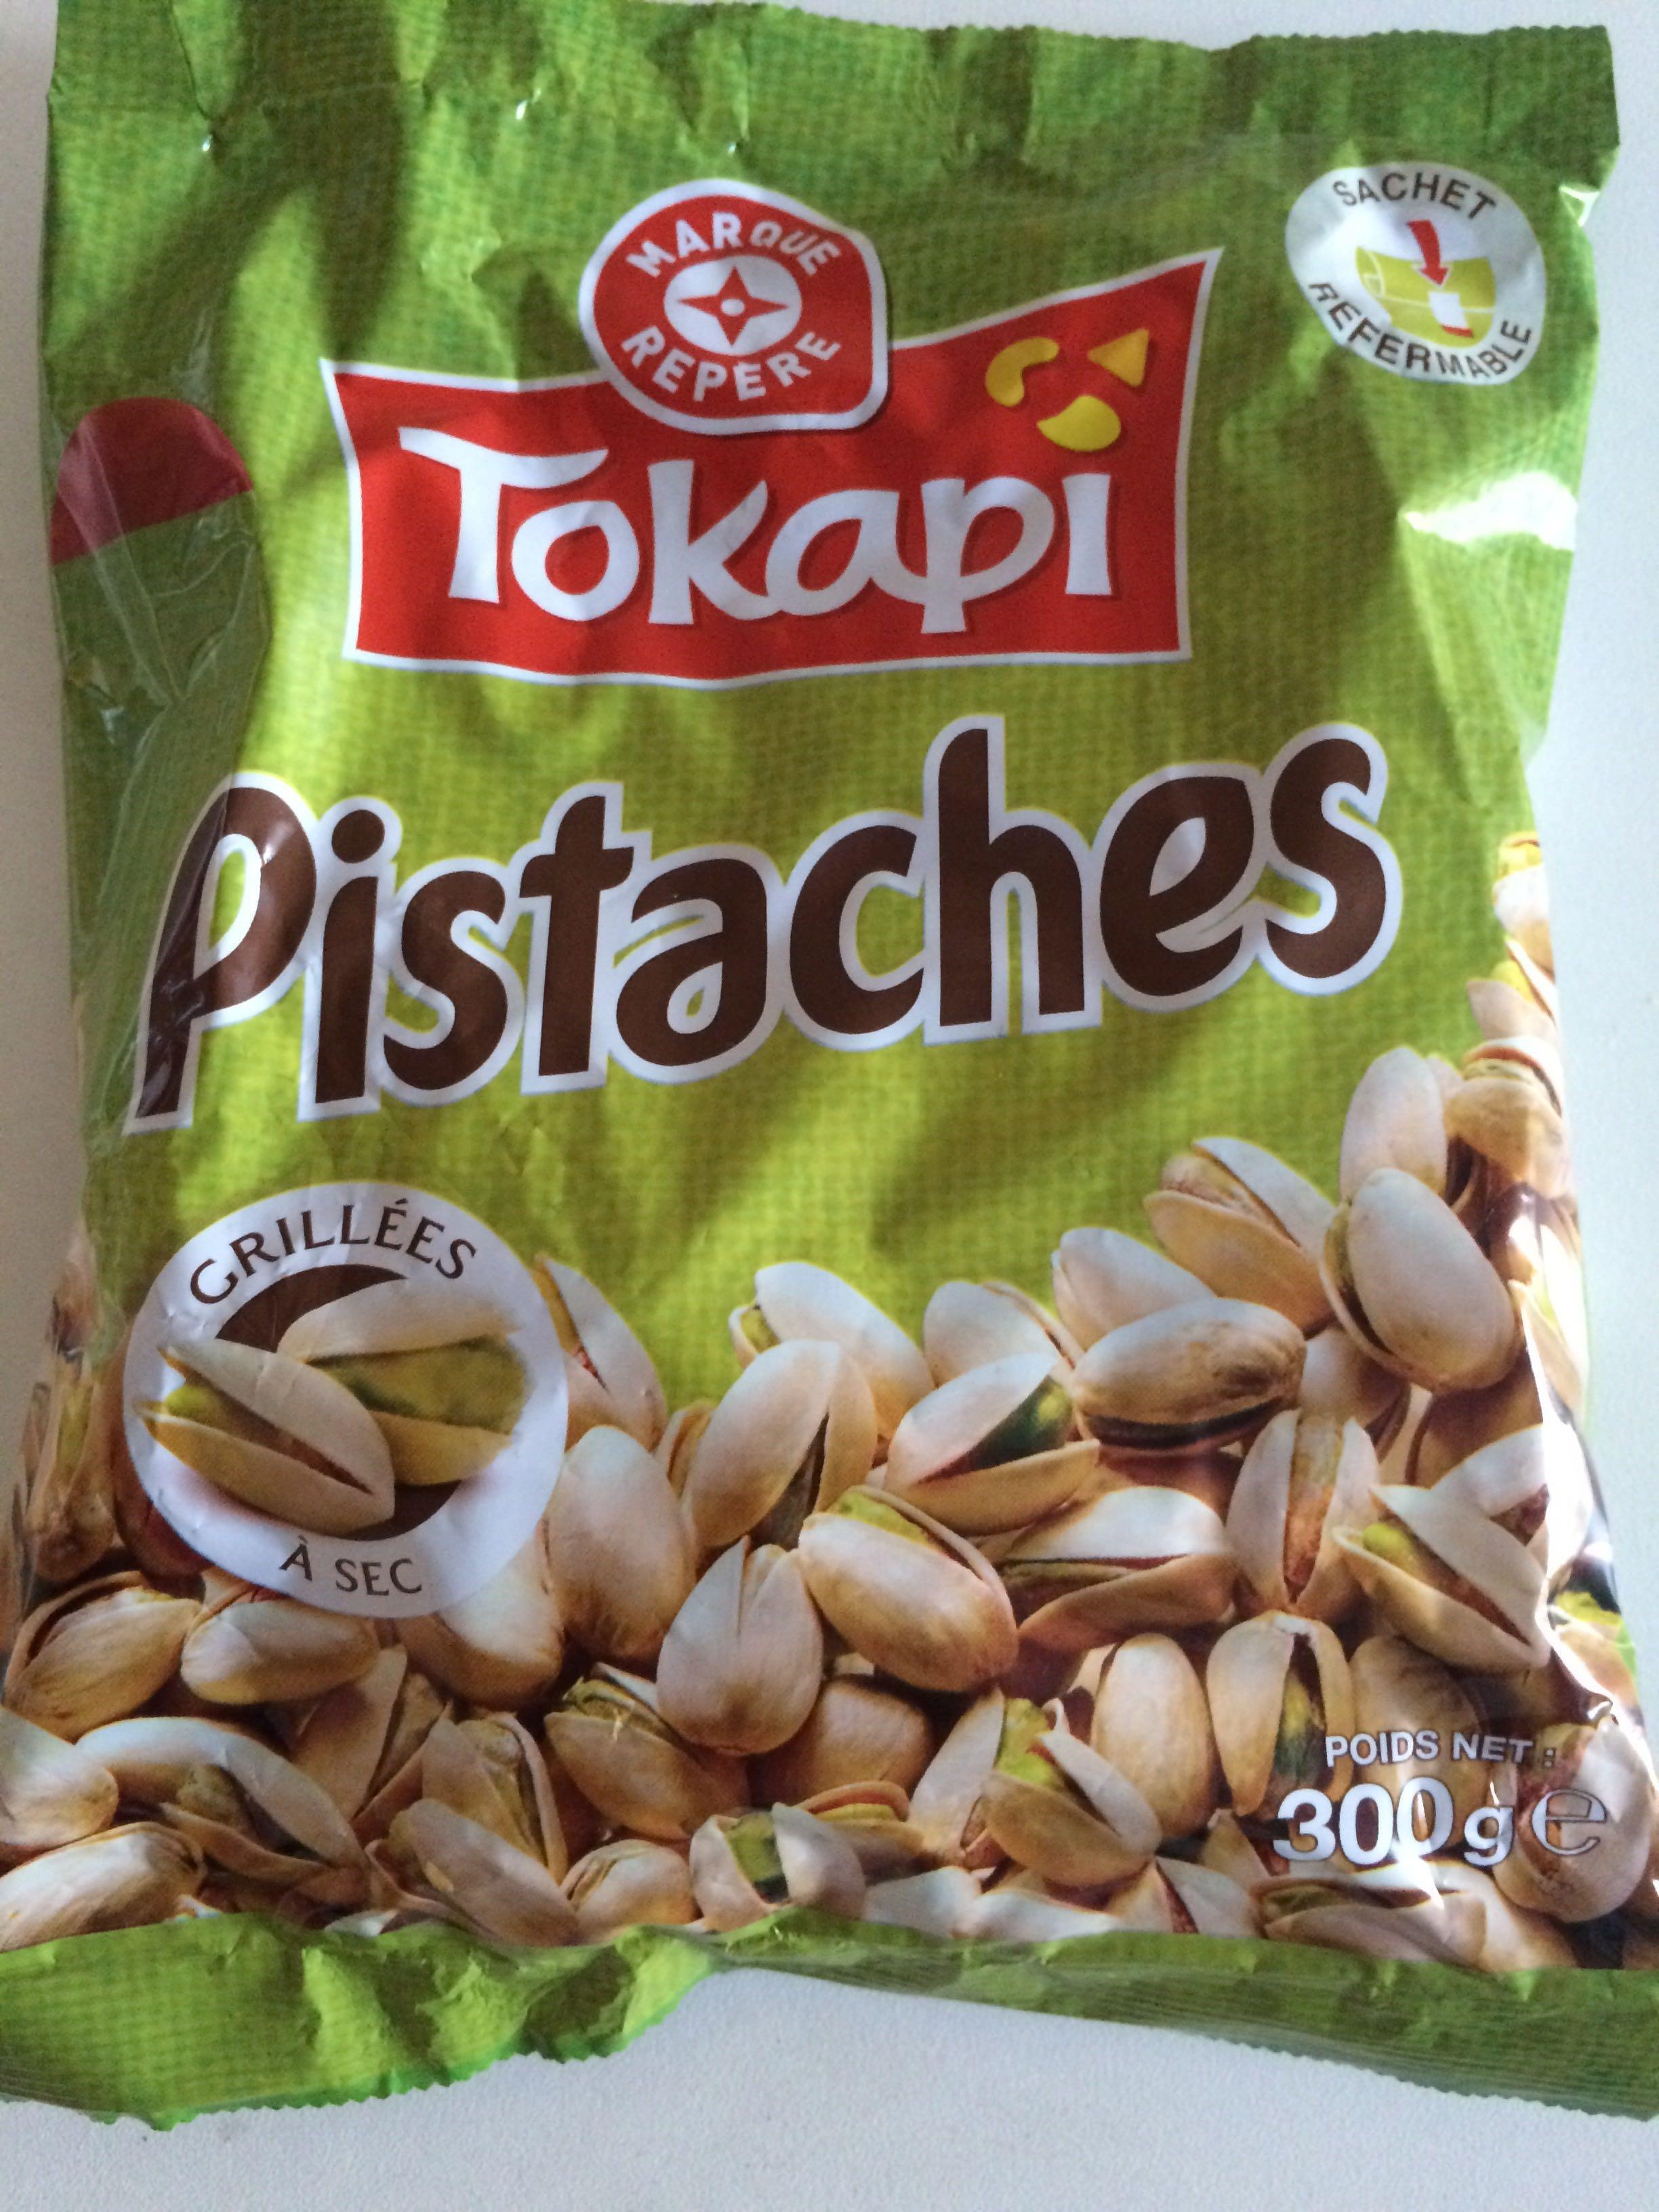 Pistaches grill es sec tokapi 300 g - Calories pistaches grillees ...